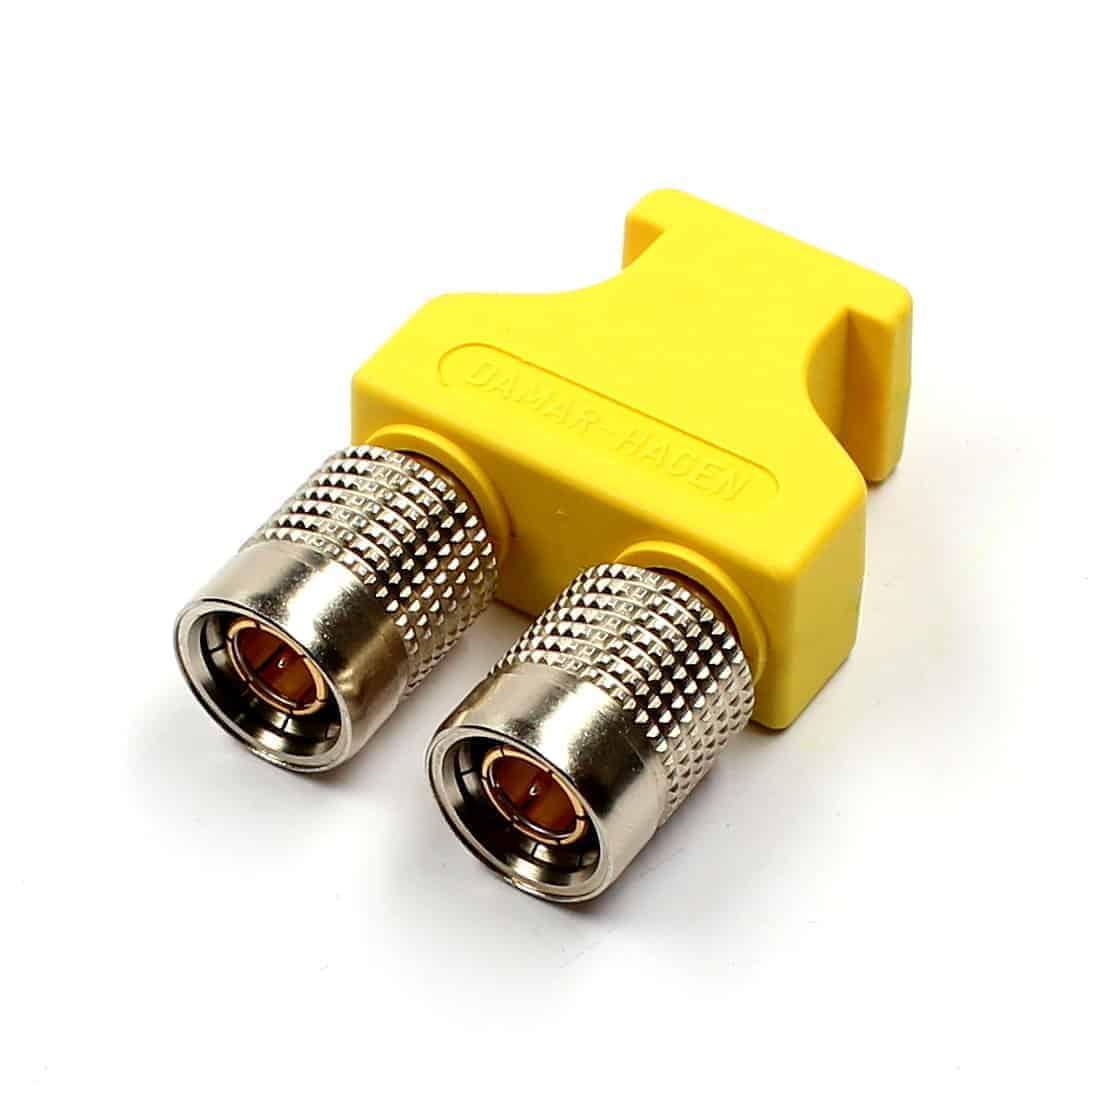 BNCpro Brückenstecker gelb/ Doppelstecker